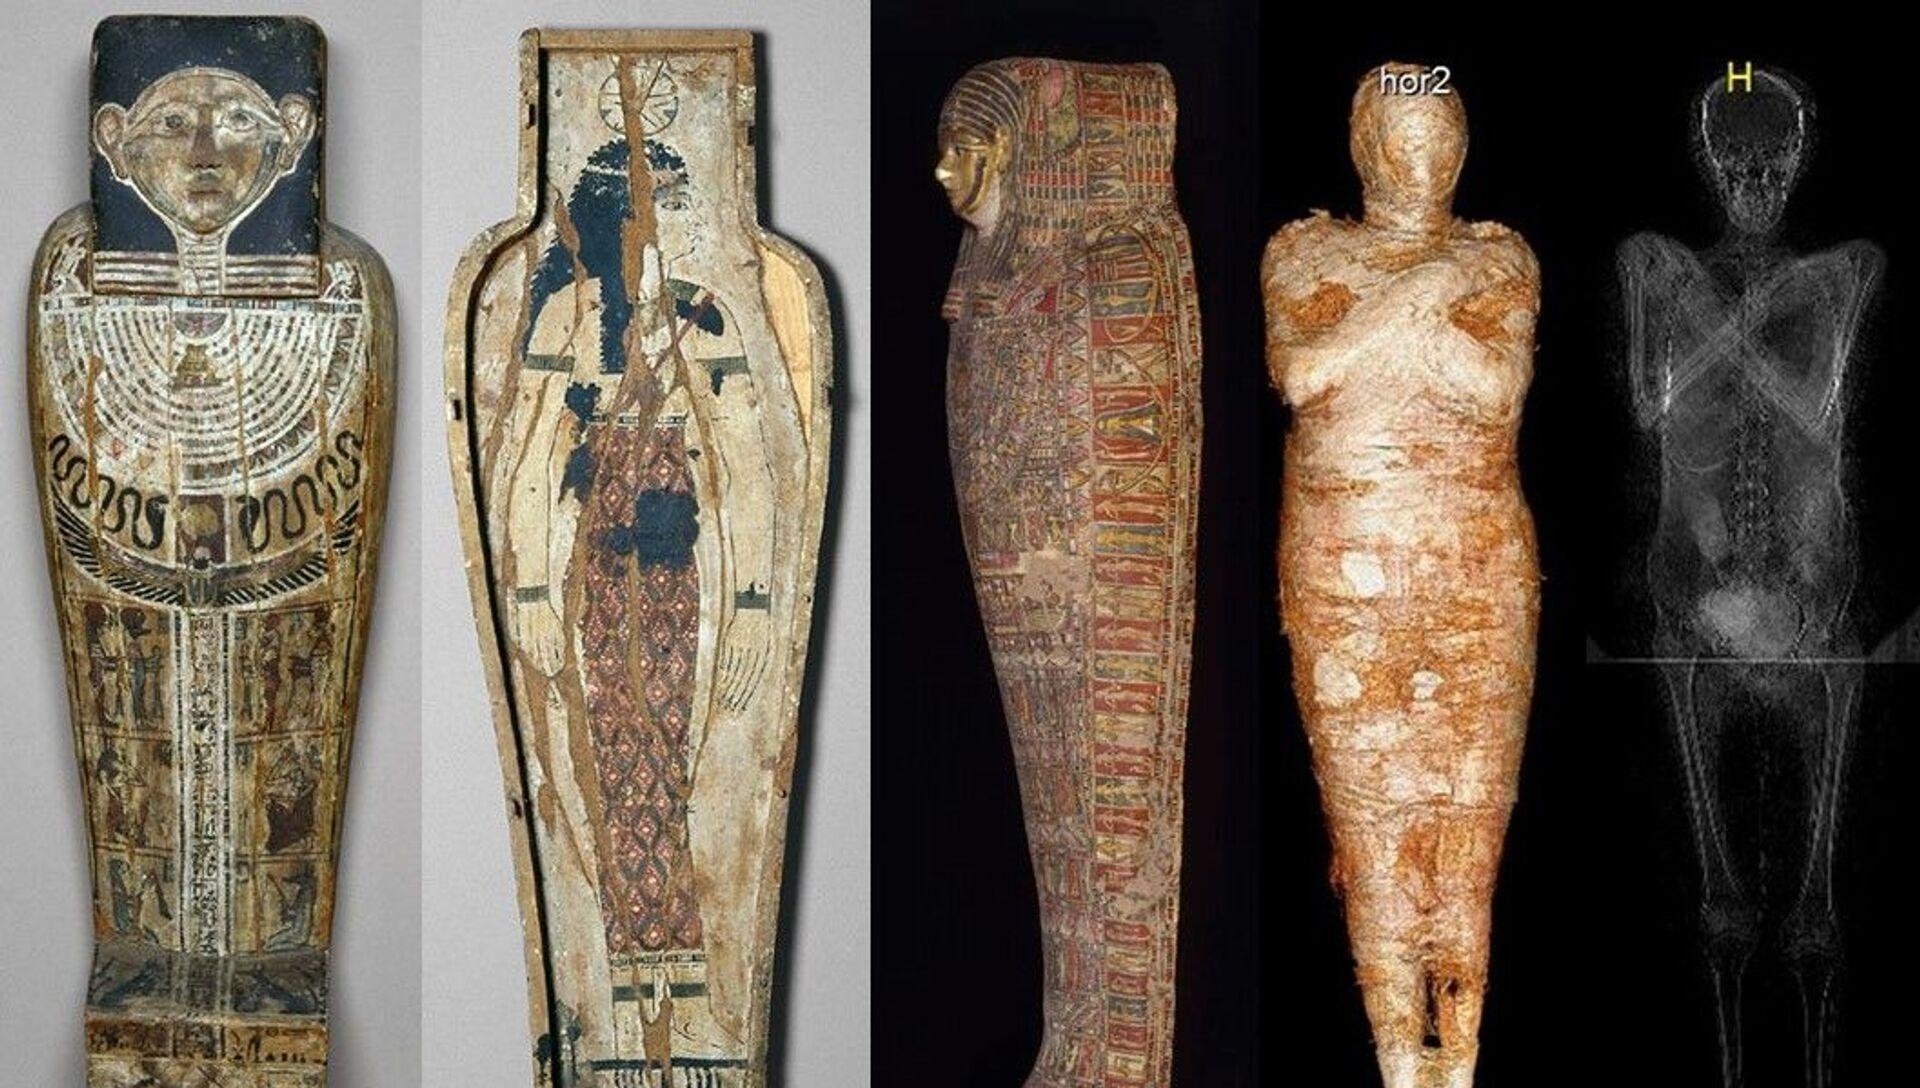 L'esame radiologico di un'antica mummia rinvenuta nelle tombe reali dell'Alto Egitto ha dimostrato che si tratta del corpo di una donna incinta. - Sputnik Italia, 1920, 18.05.2021